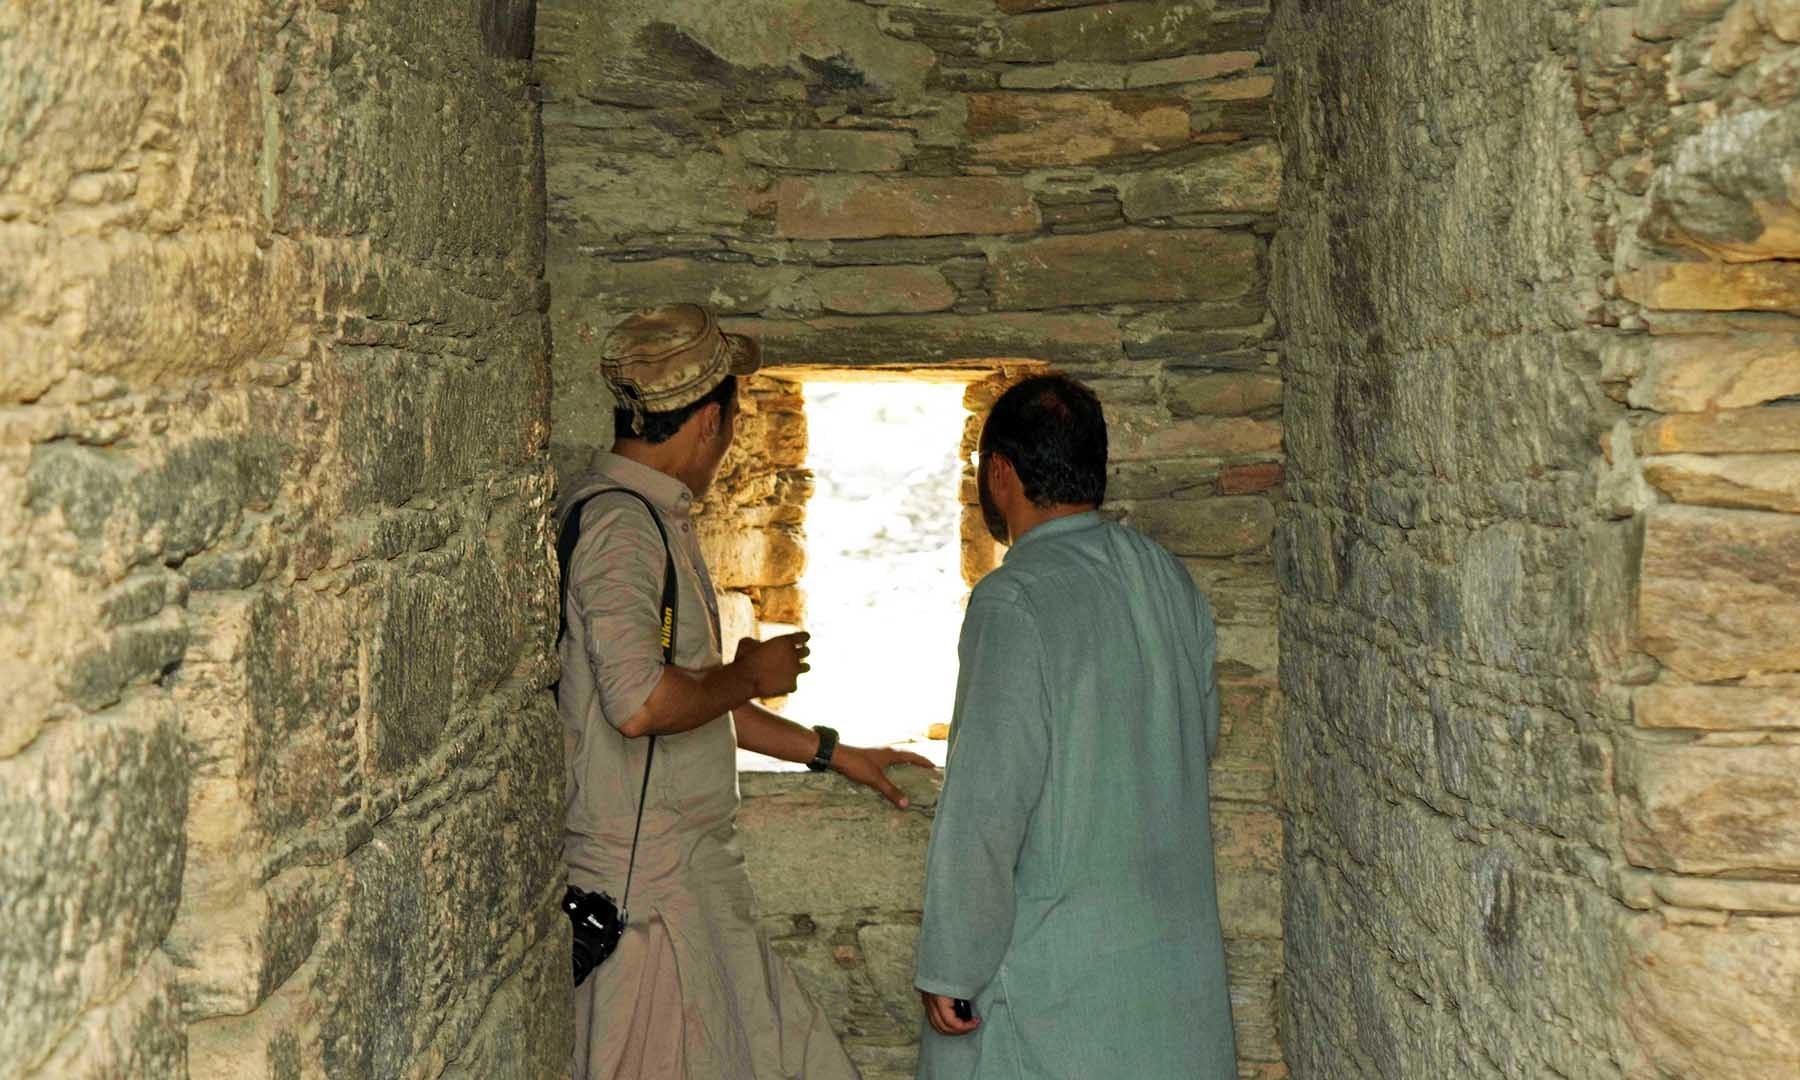 چھت دار راستے کے اندر تازہ ہوا اور روشنی کے لئے بنایا گیا سوراخ— تصویر امجد علی سحاب